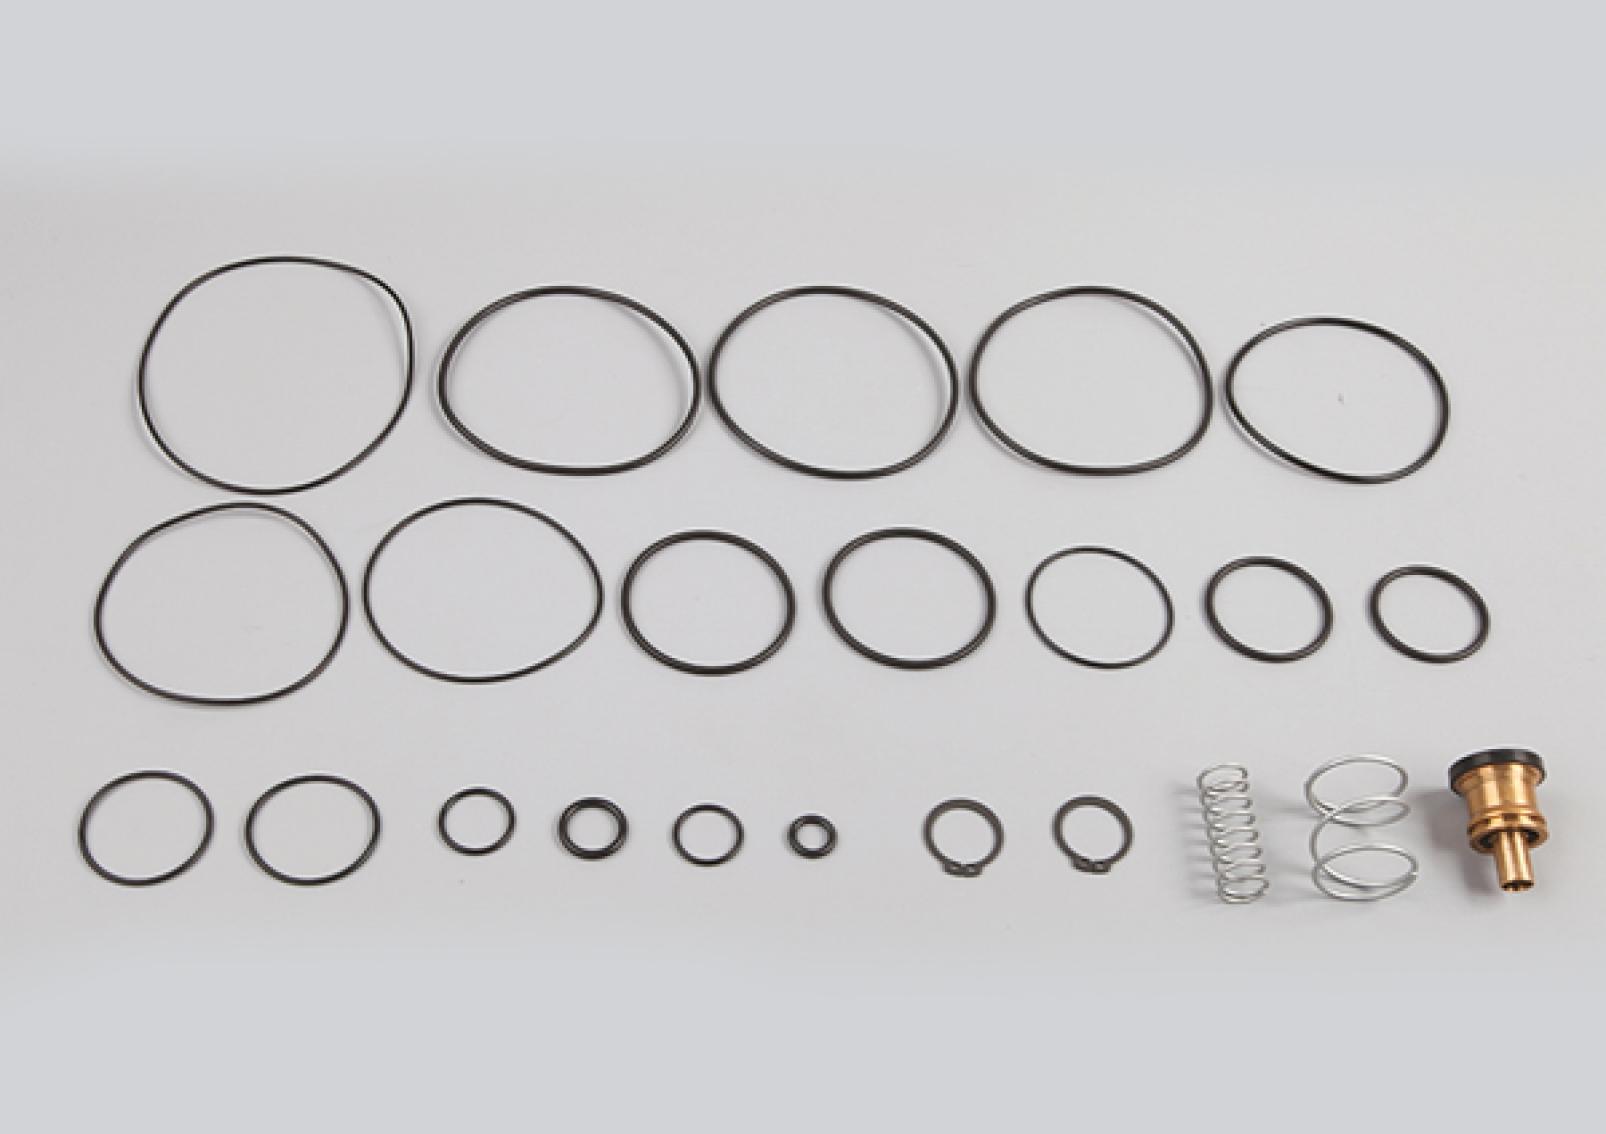 Trailer Control Valve Repair Kit, 0 766 151 020 00, 0 766 174 020 00